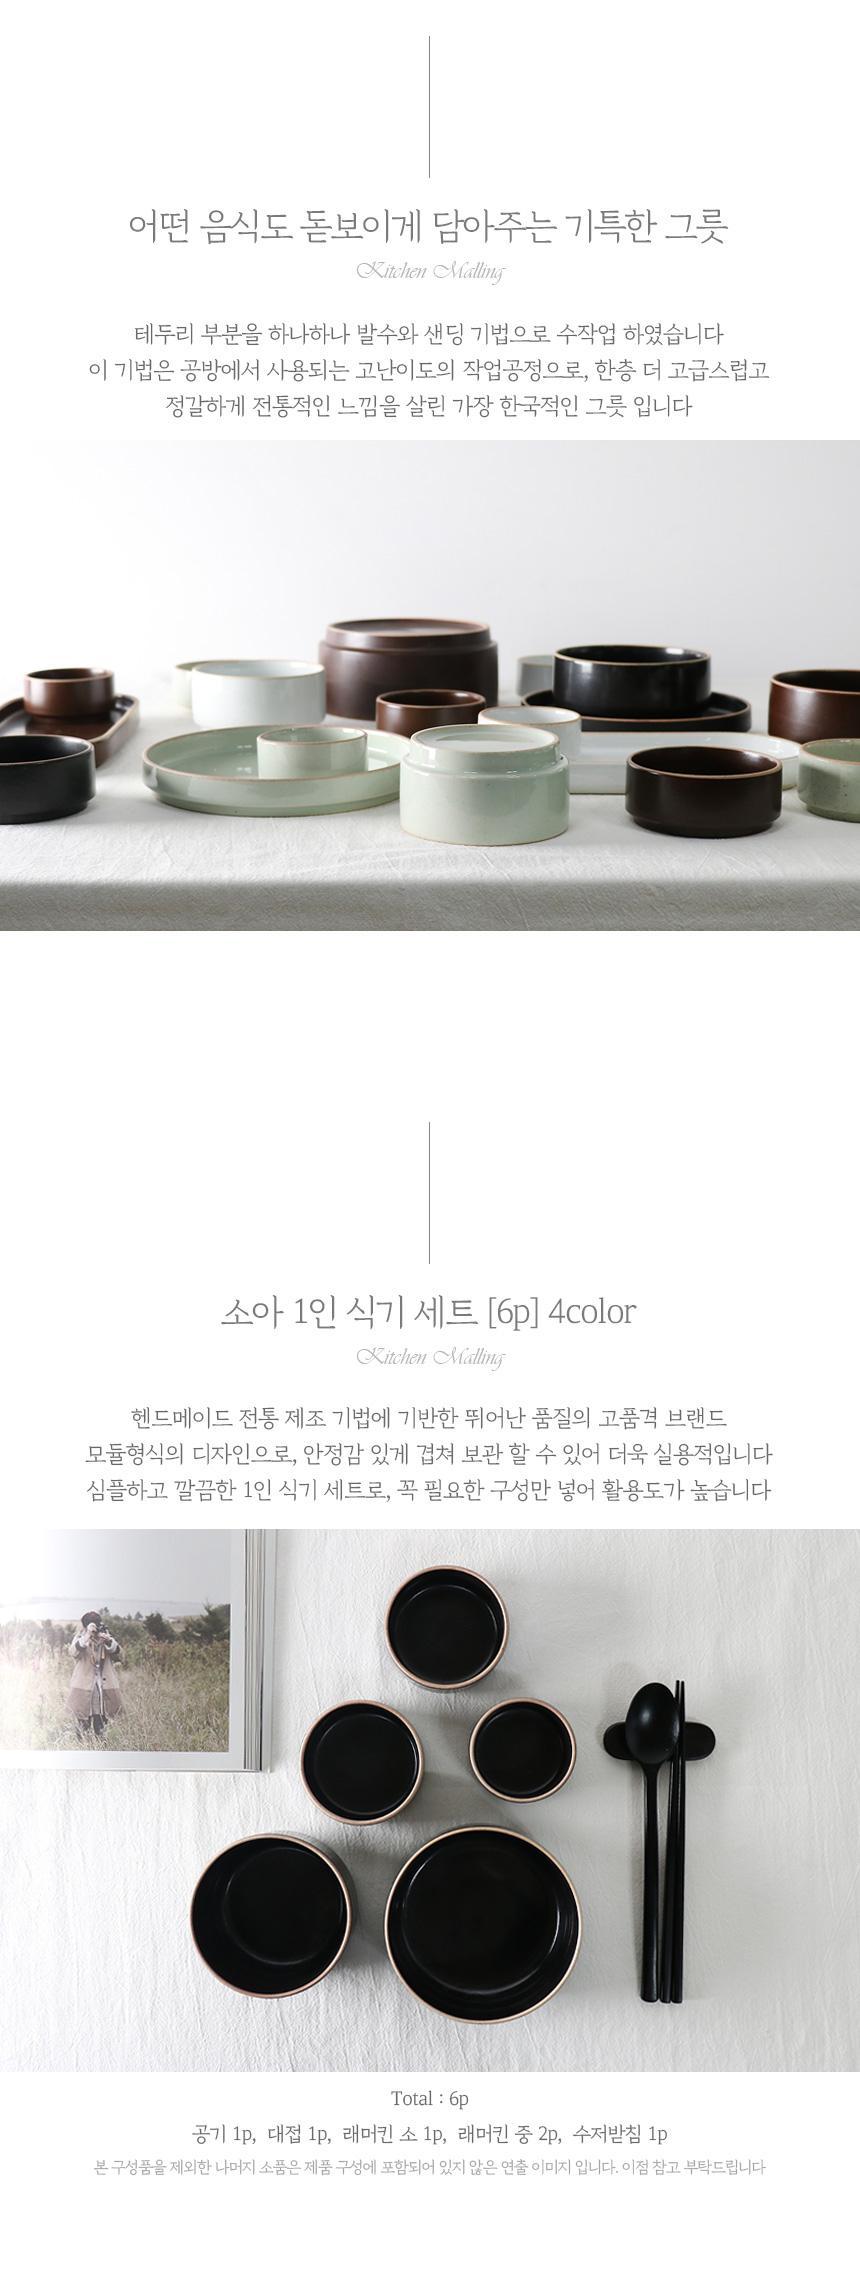 소아 1인 식기세트 6p 선택 - 키친몰링, 21,800원, 식기홈세트, 1인세트